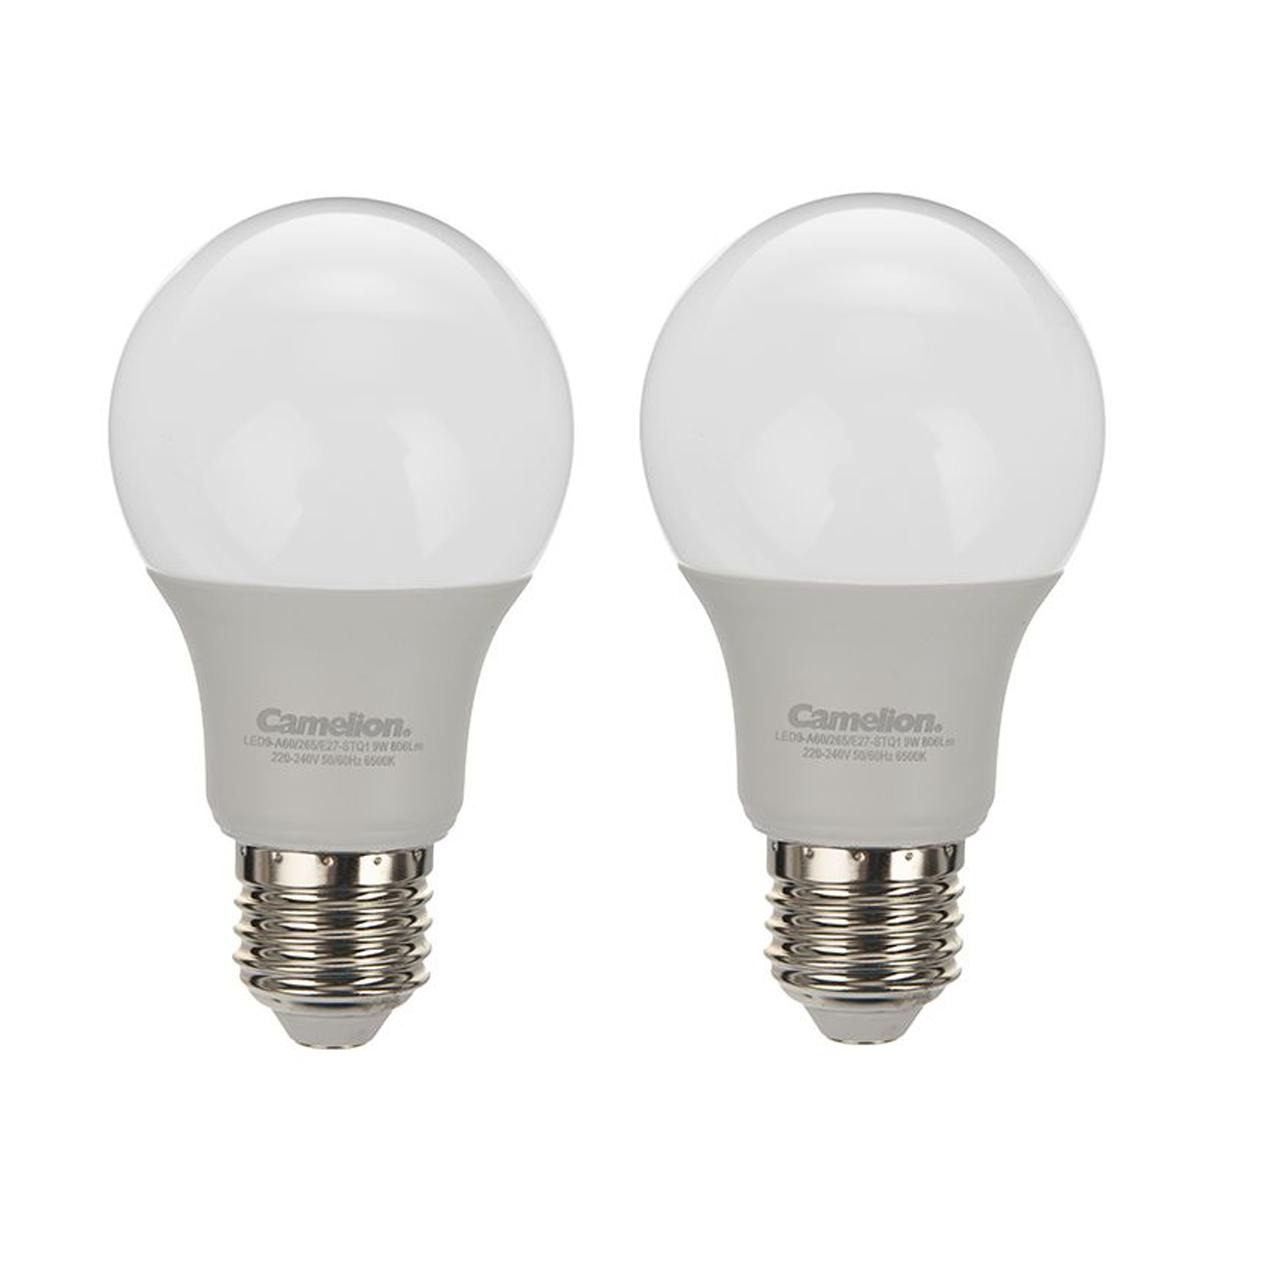 لامپ ال ای دی 9 وات کملیون مدل STQ1 پایه E27 بسته 2 عددی  main 1 2